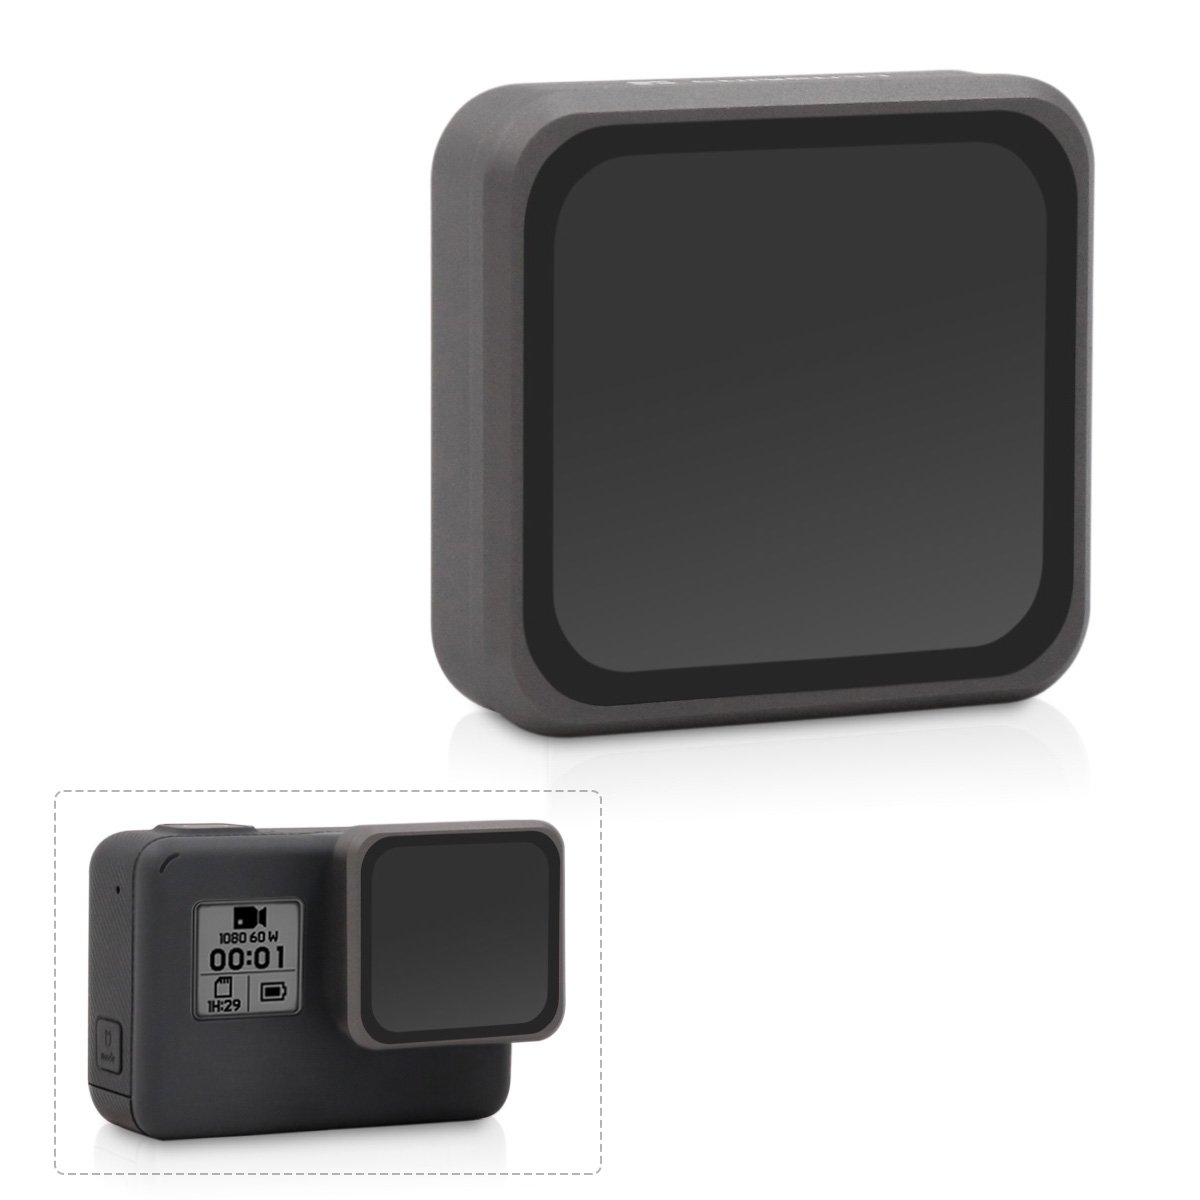 LENSKINS MRC ND8 Filter for GoPro Hero 5 Black & Hero 6 Black, AGC Optics Glass, Multi-Resistant Coating Neutral Density Filter, Snug Fit and Slim GoPro Lens Filter with Storage Bag and Lens Cloth